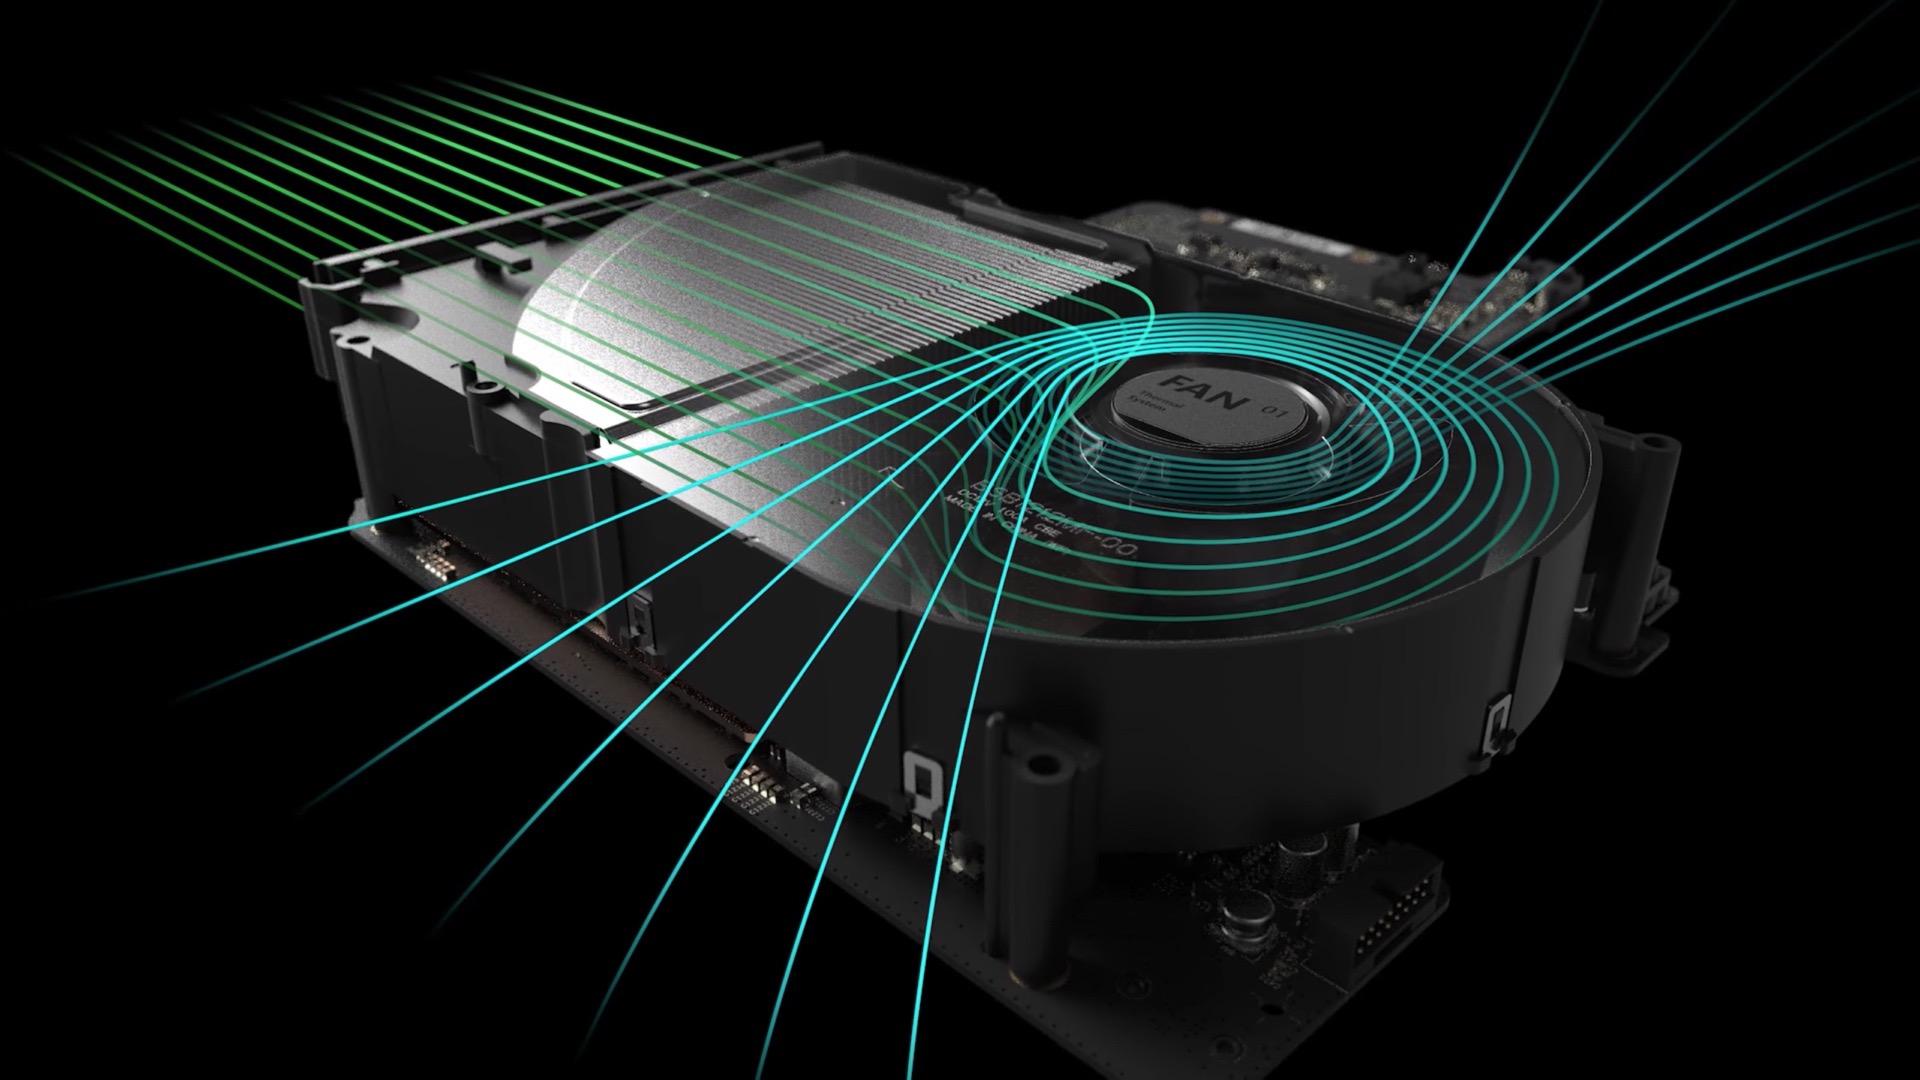 Xbox Project Scorpio Specs19